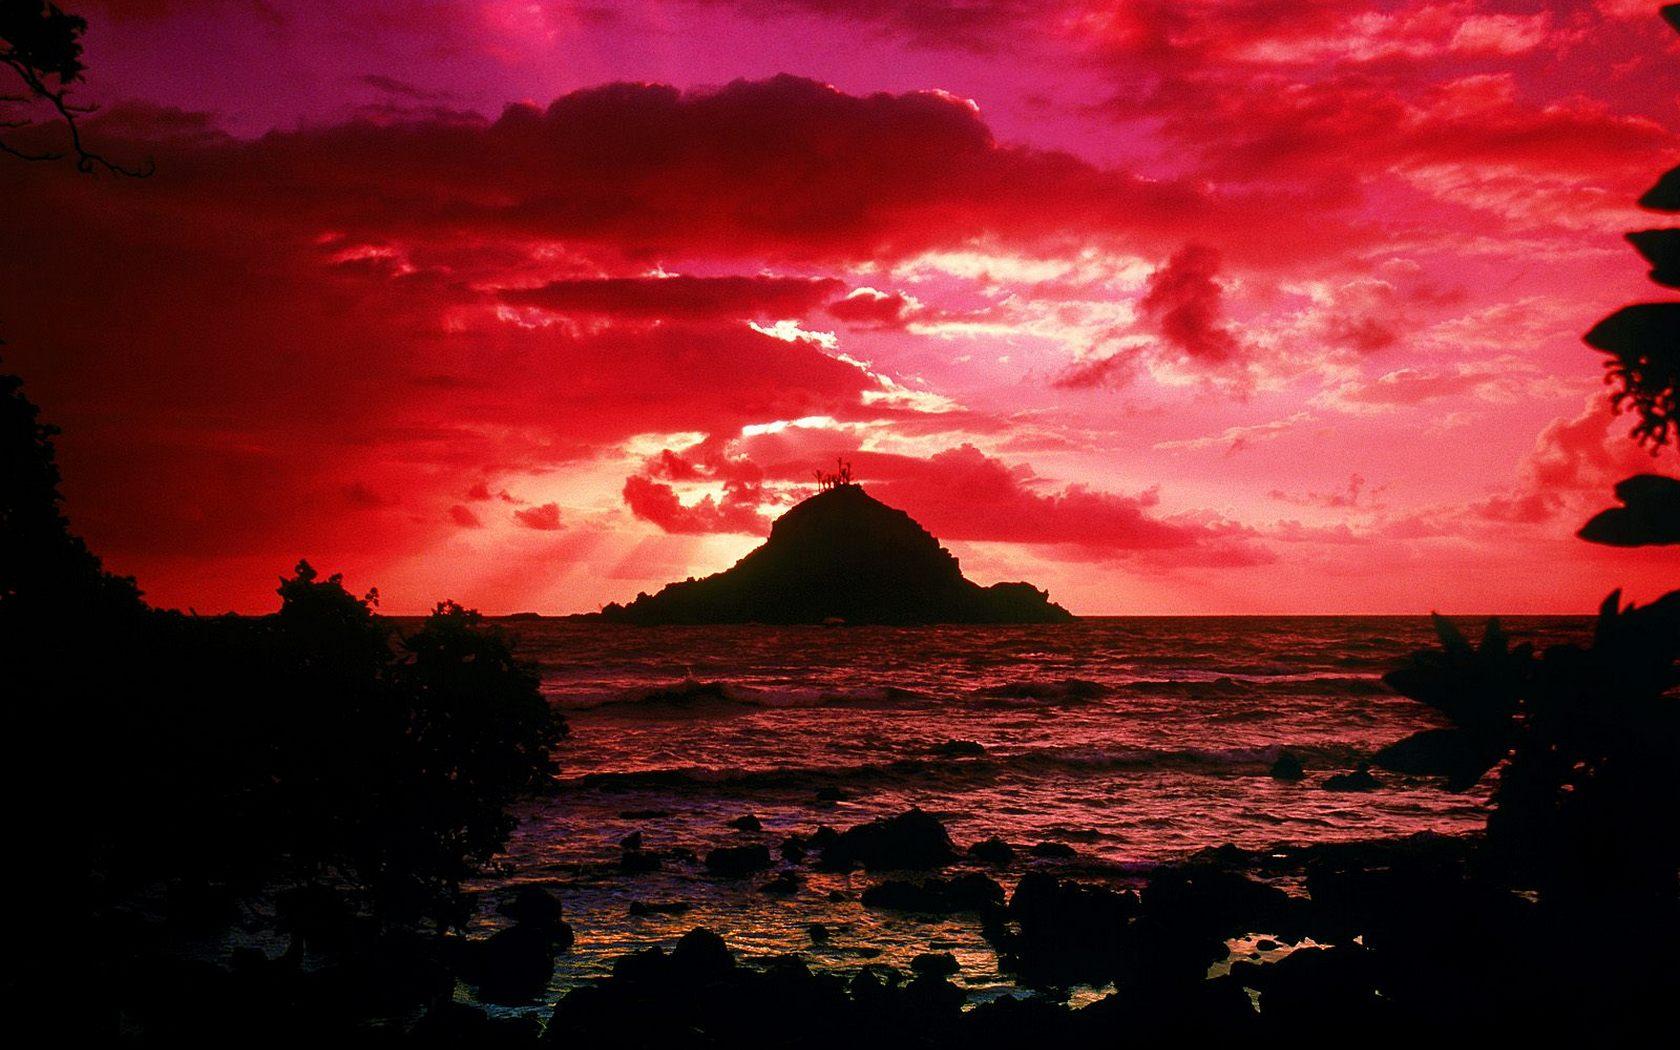 Download High quality Alau Island Maui Hawaii 1680x1050